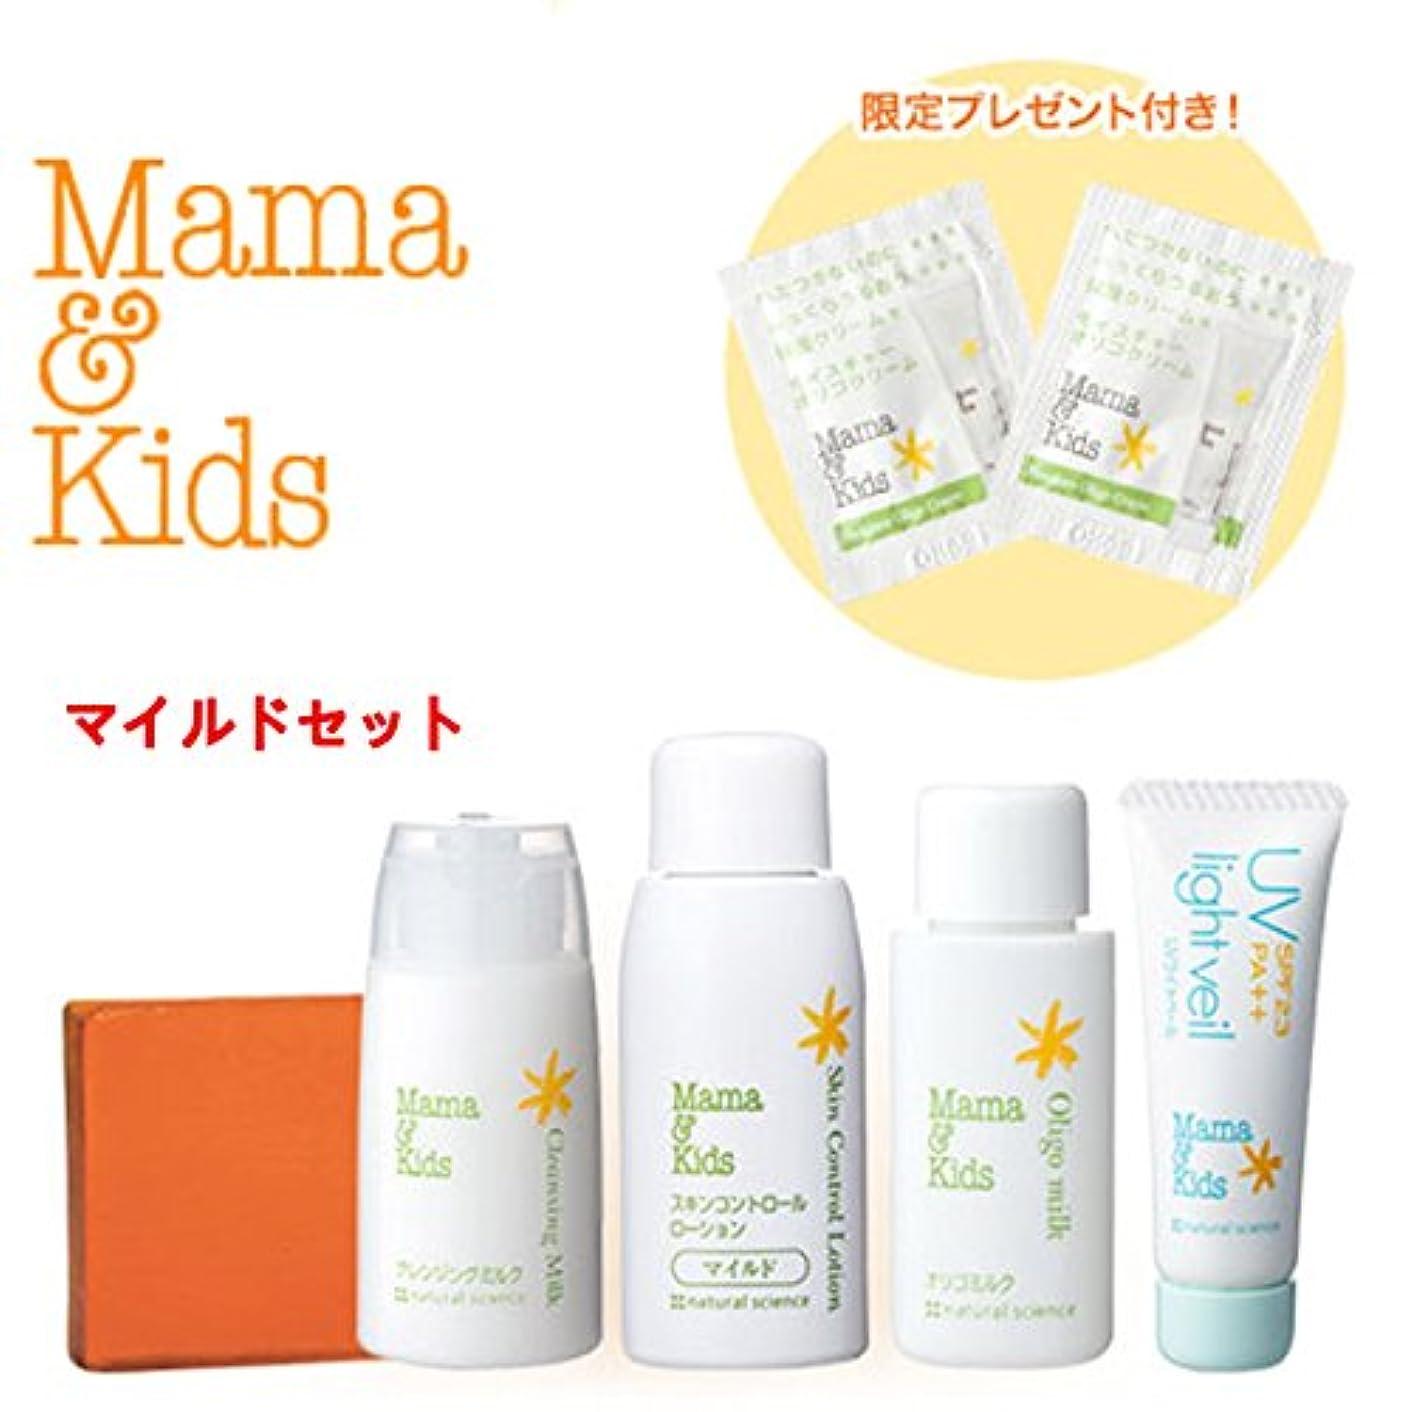 精算小さな無数のママ&キッズぷるぷるお肌トライアルセット(マイルド)/Mama&Kids SkinCare Travel set/孕期基础护肤试用装普通保湿